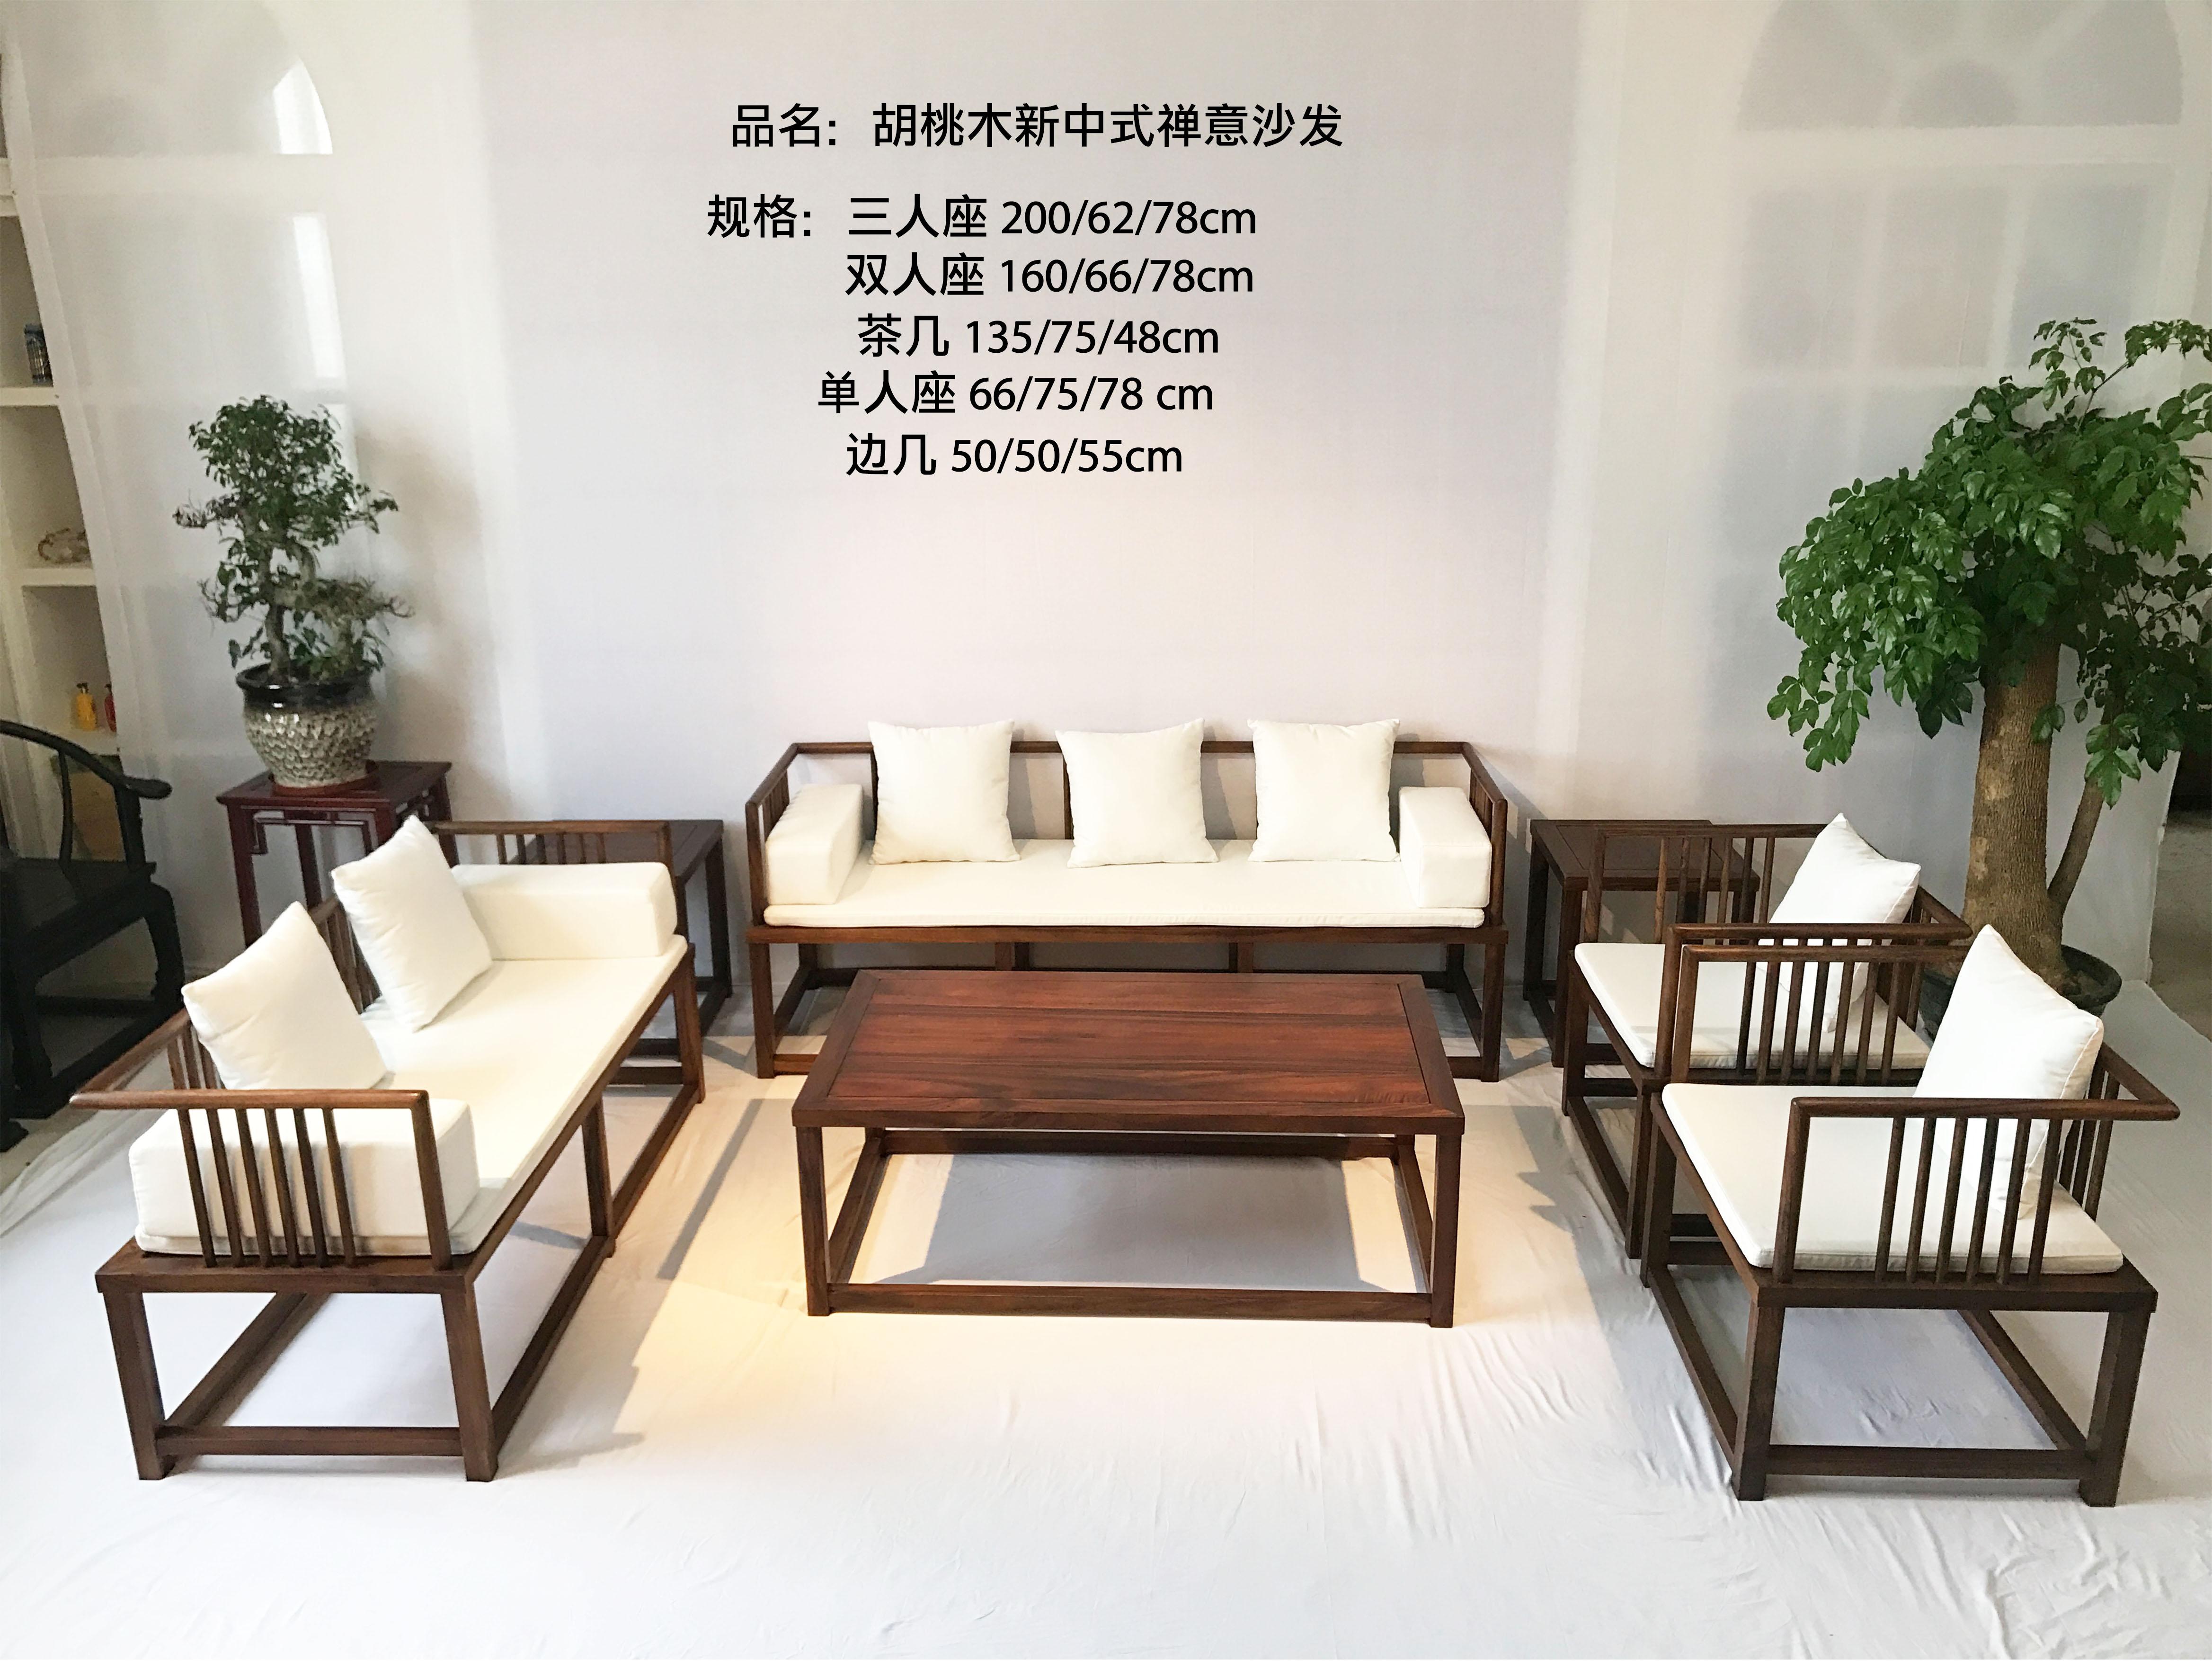 京碧家具支持定制全榫卯结构新中式胡桃木实木沙发椅子 餐桌椅子 胡桃